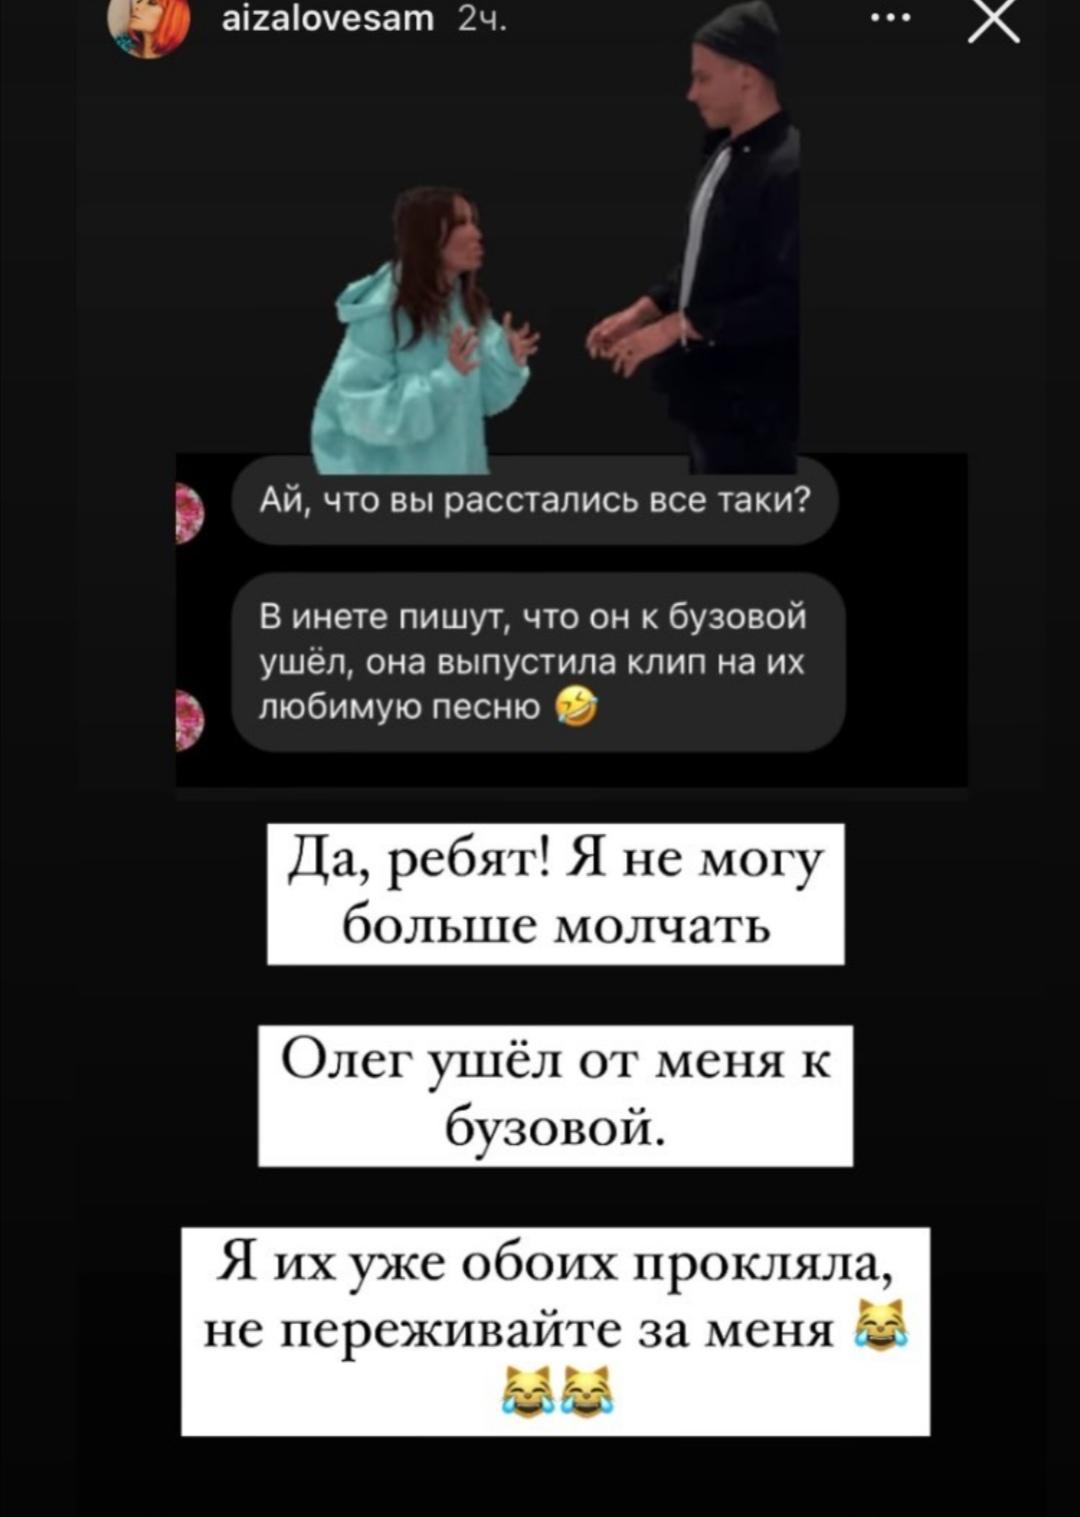 """""""Я их прокляла"""": Айза Долматова заявила, что Олег Майами теперь встречается с Ольгой Бузовой"""